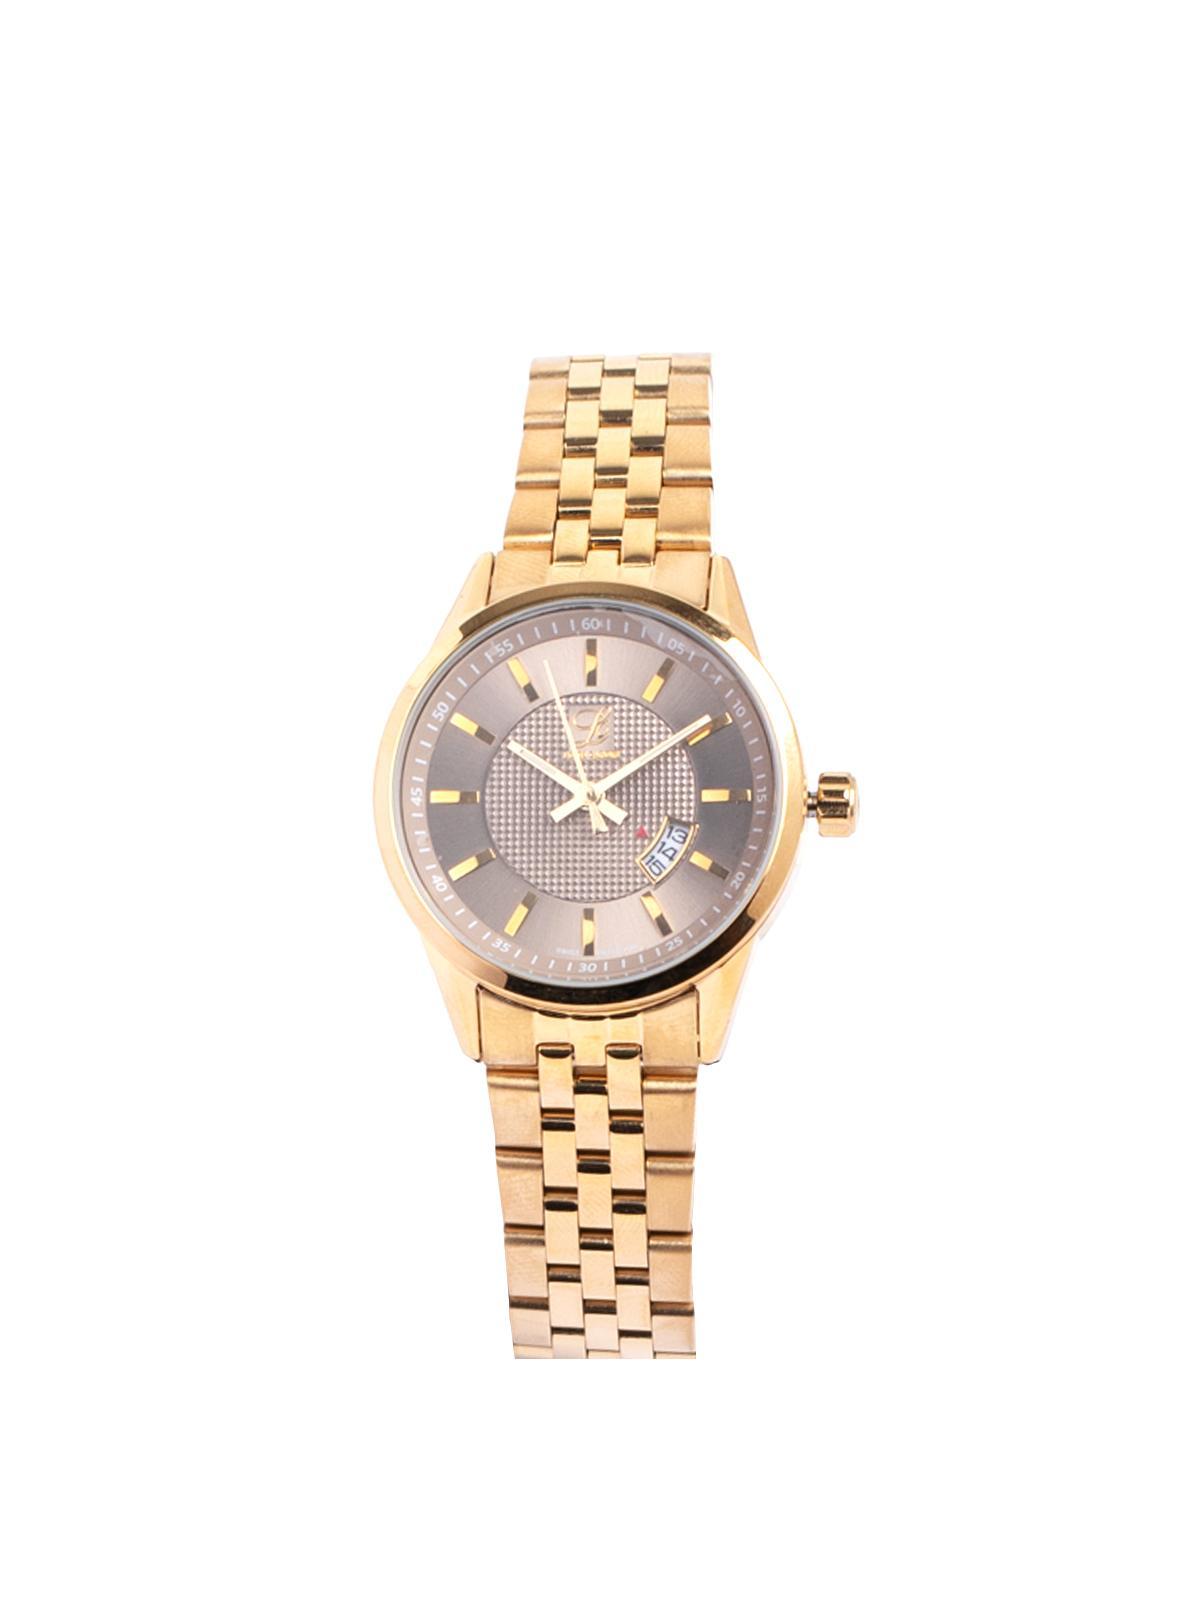 Louis Cardin Stainless Steel Gold Grey Butterfly Buckle Watch For Women 8823L(1)